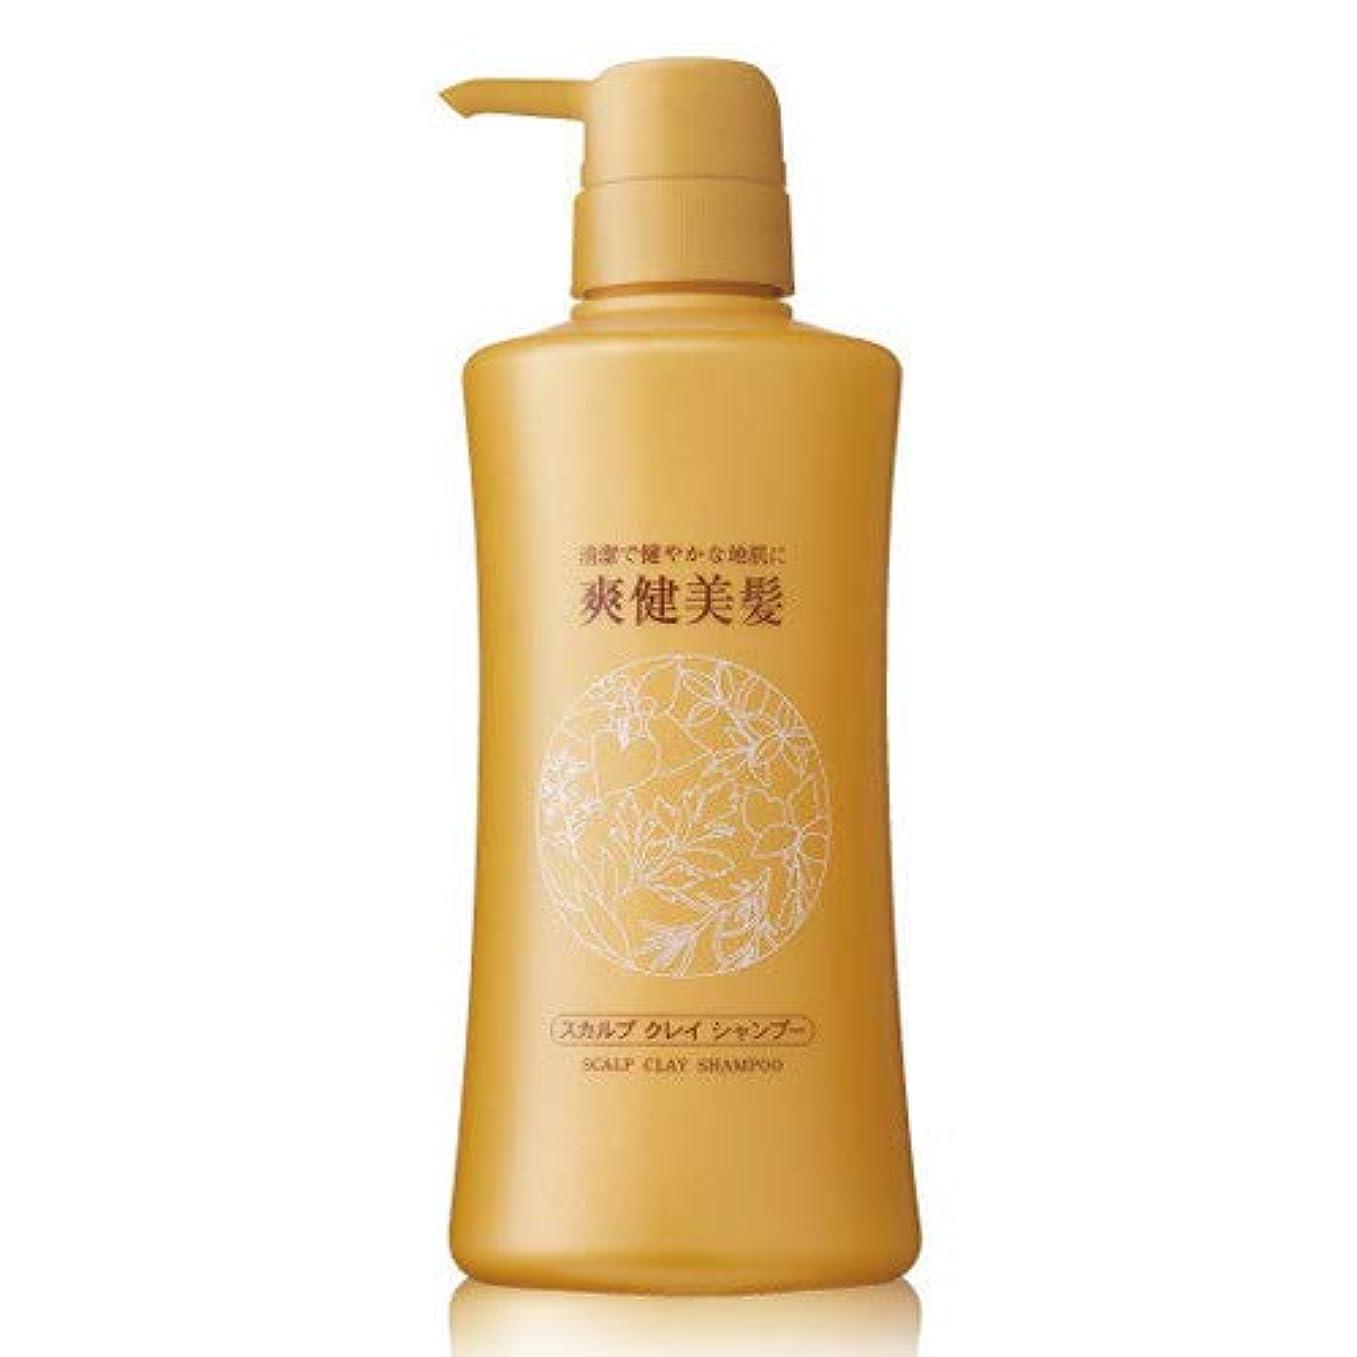 美容師覚えている伝導率エビス化粧品(EBiS) 爽健美髪スカルプクレイシャンプーN